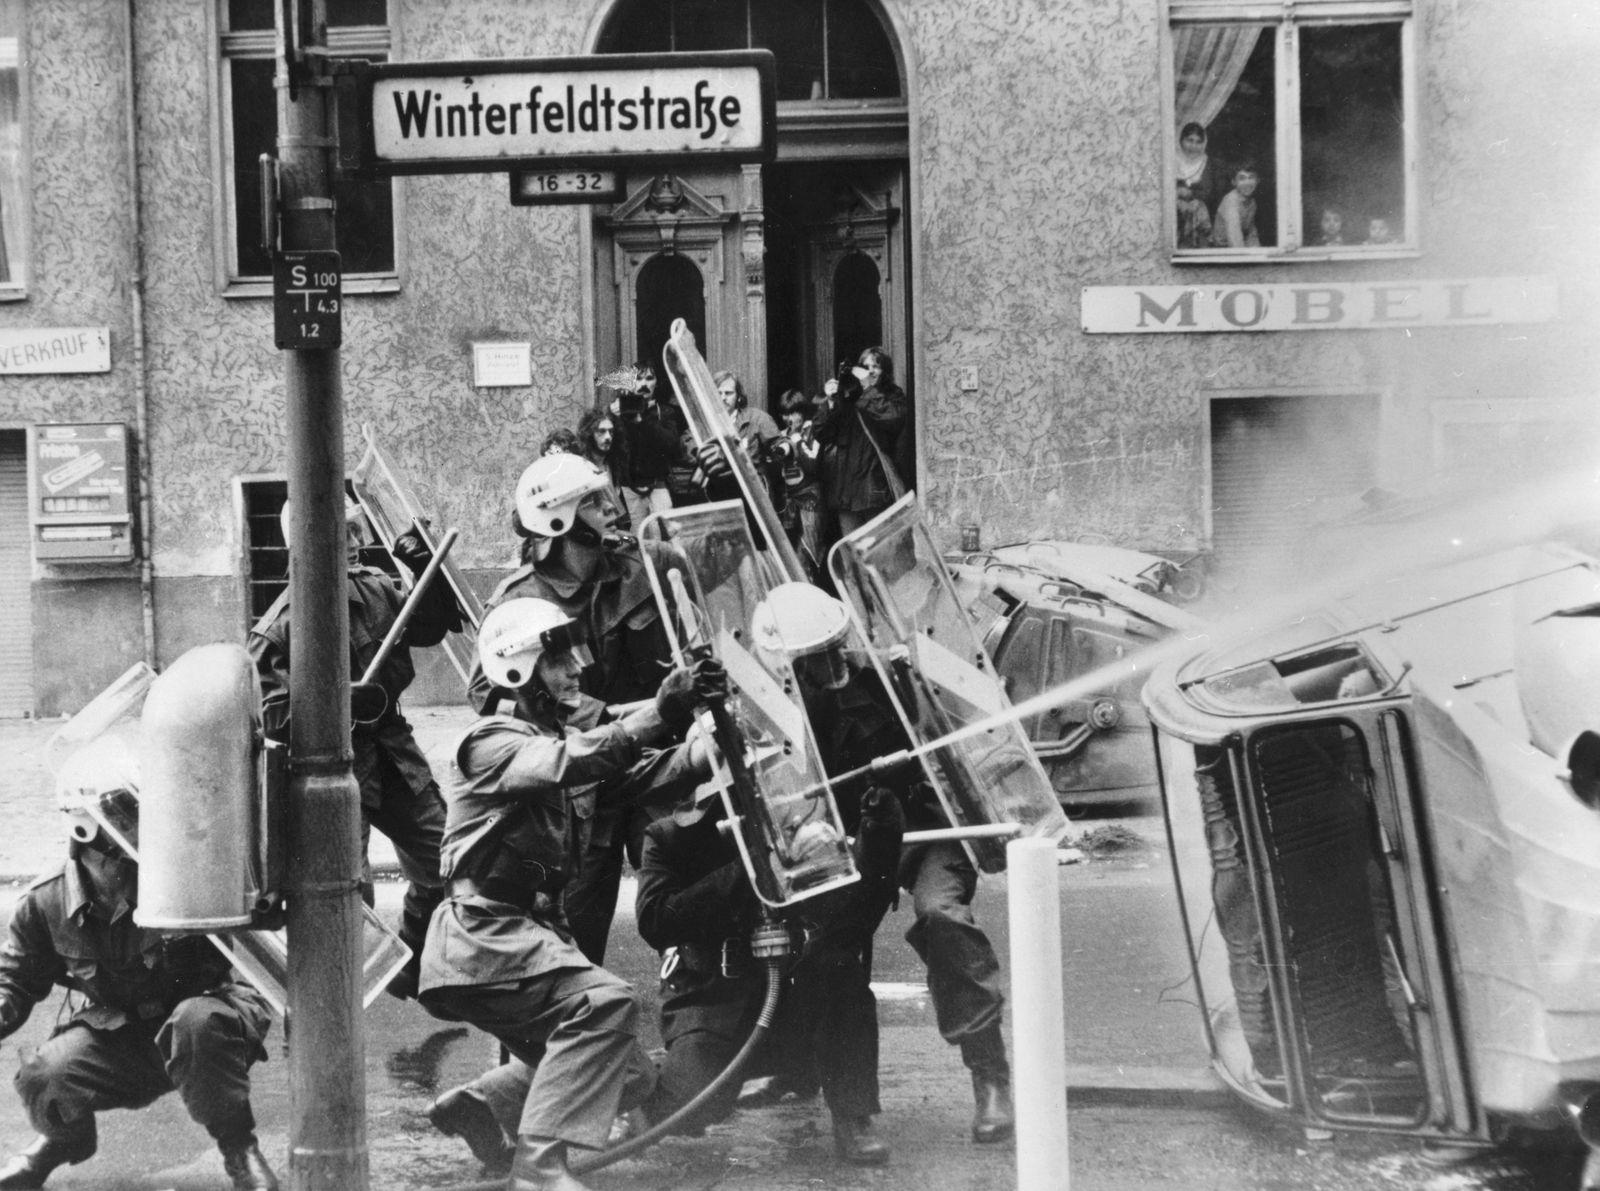 Hausbesetzungen Berlin, Strassenschlacht zwischen Demonstranten und der Polizei am Winterfeldplatz.